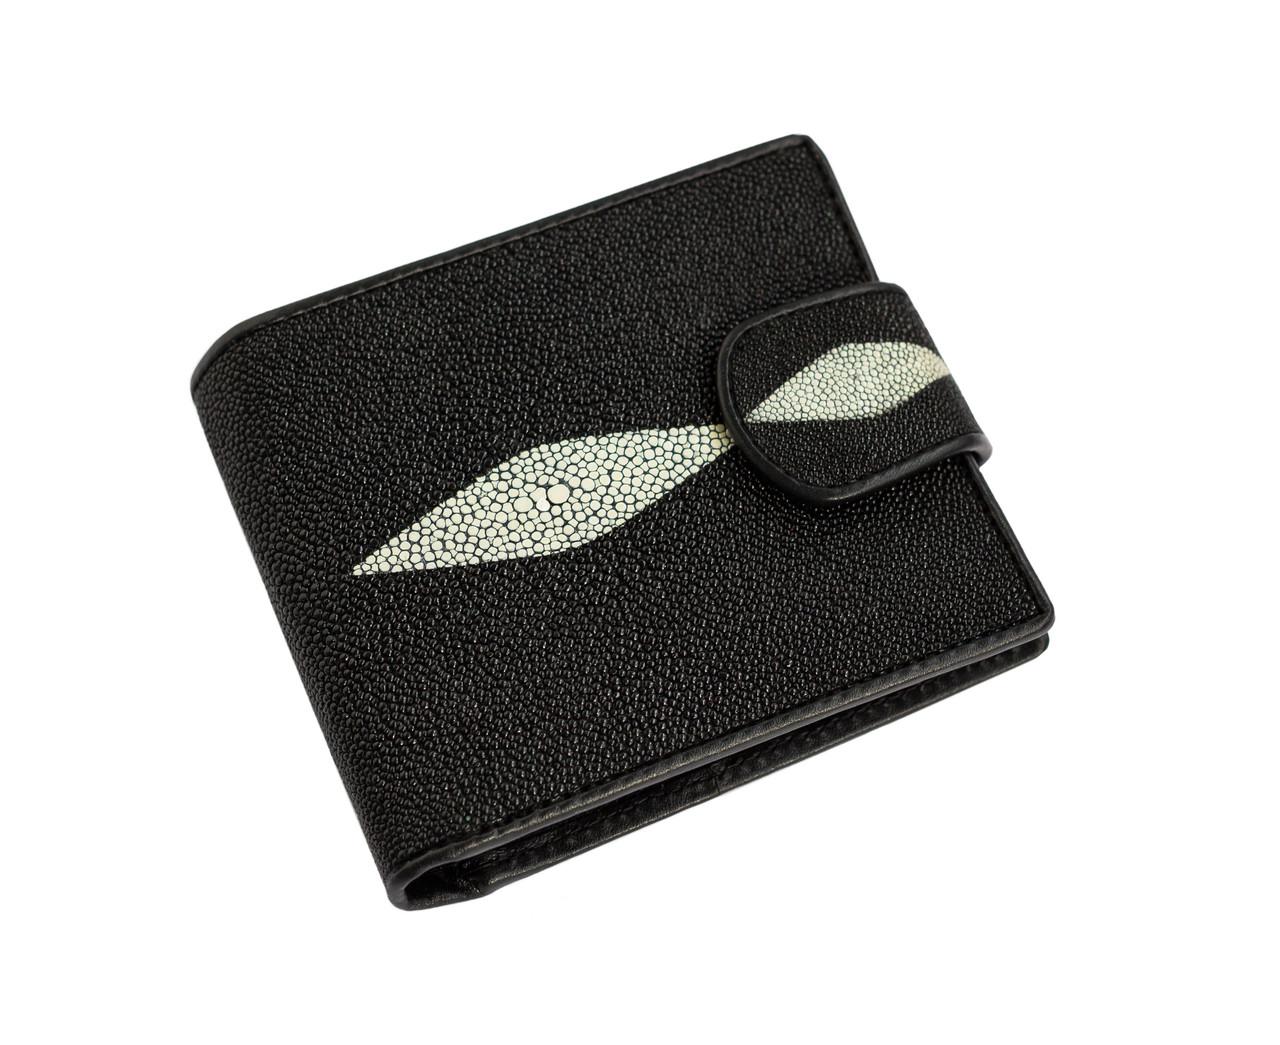 Кошелек из кожи ската Ekzotic Leather черный (stw 154)